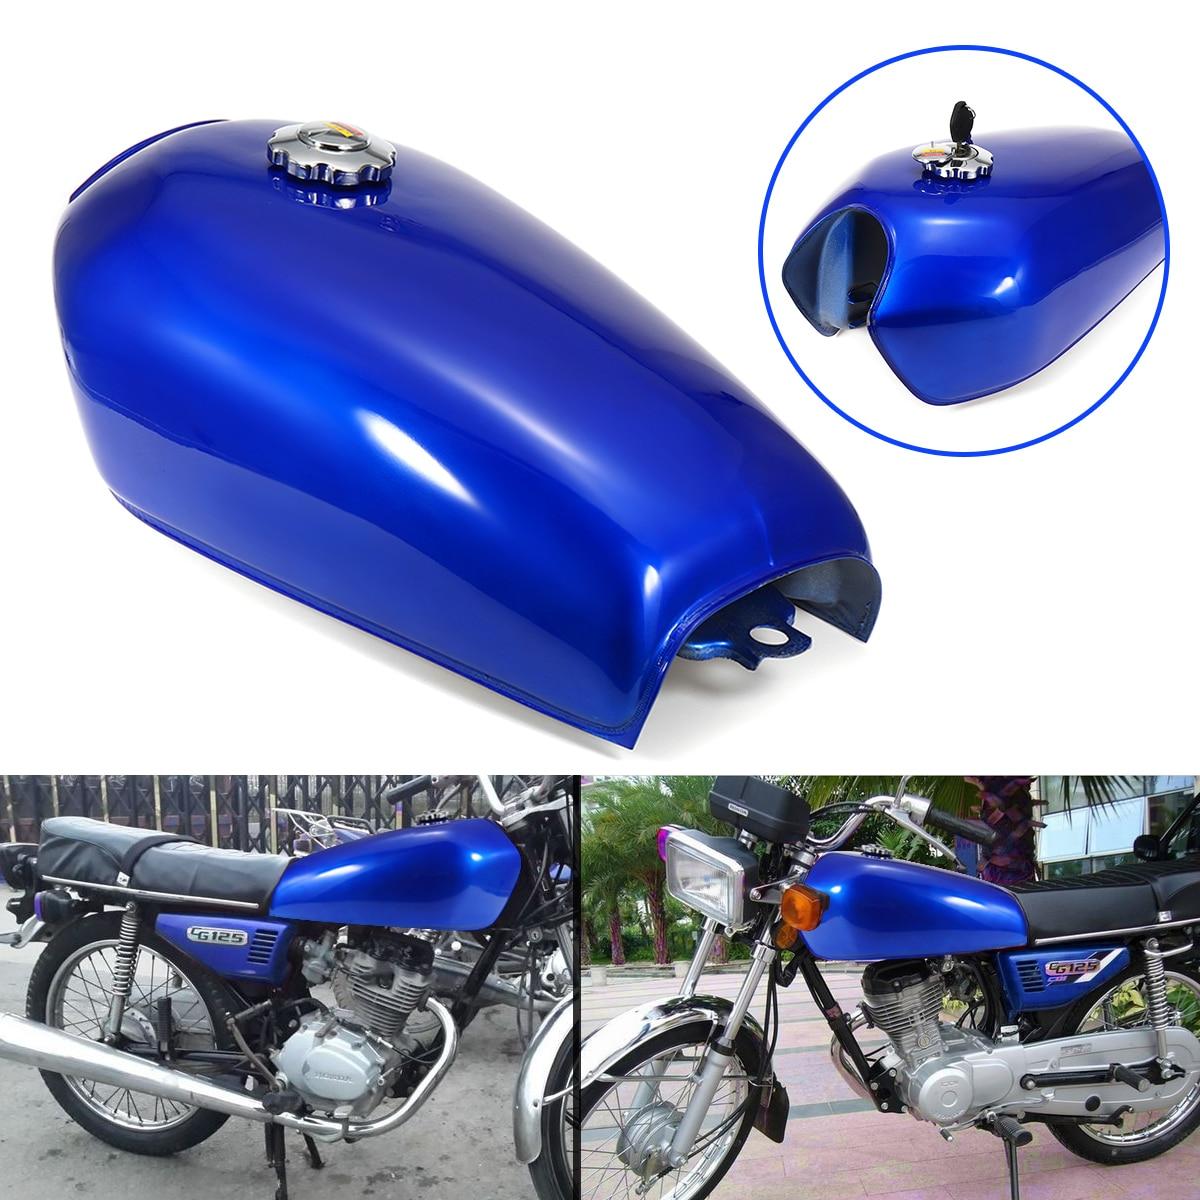 9 2.4 litro de Combustível Da Motocicleta Tanque de Gás com Tampa de Ferro de Espessura De Aço gal Interruptor Kit Para Honda CG125 Cafe Racer acessórios da motocicleta